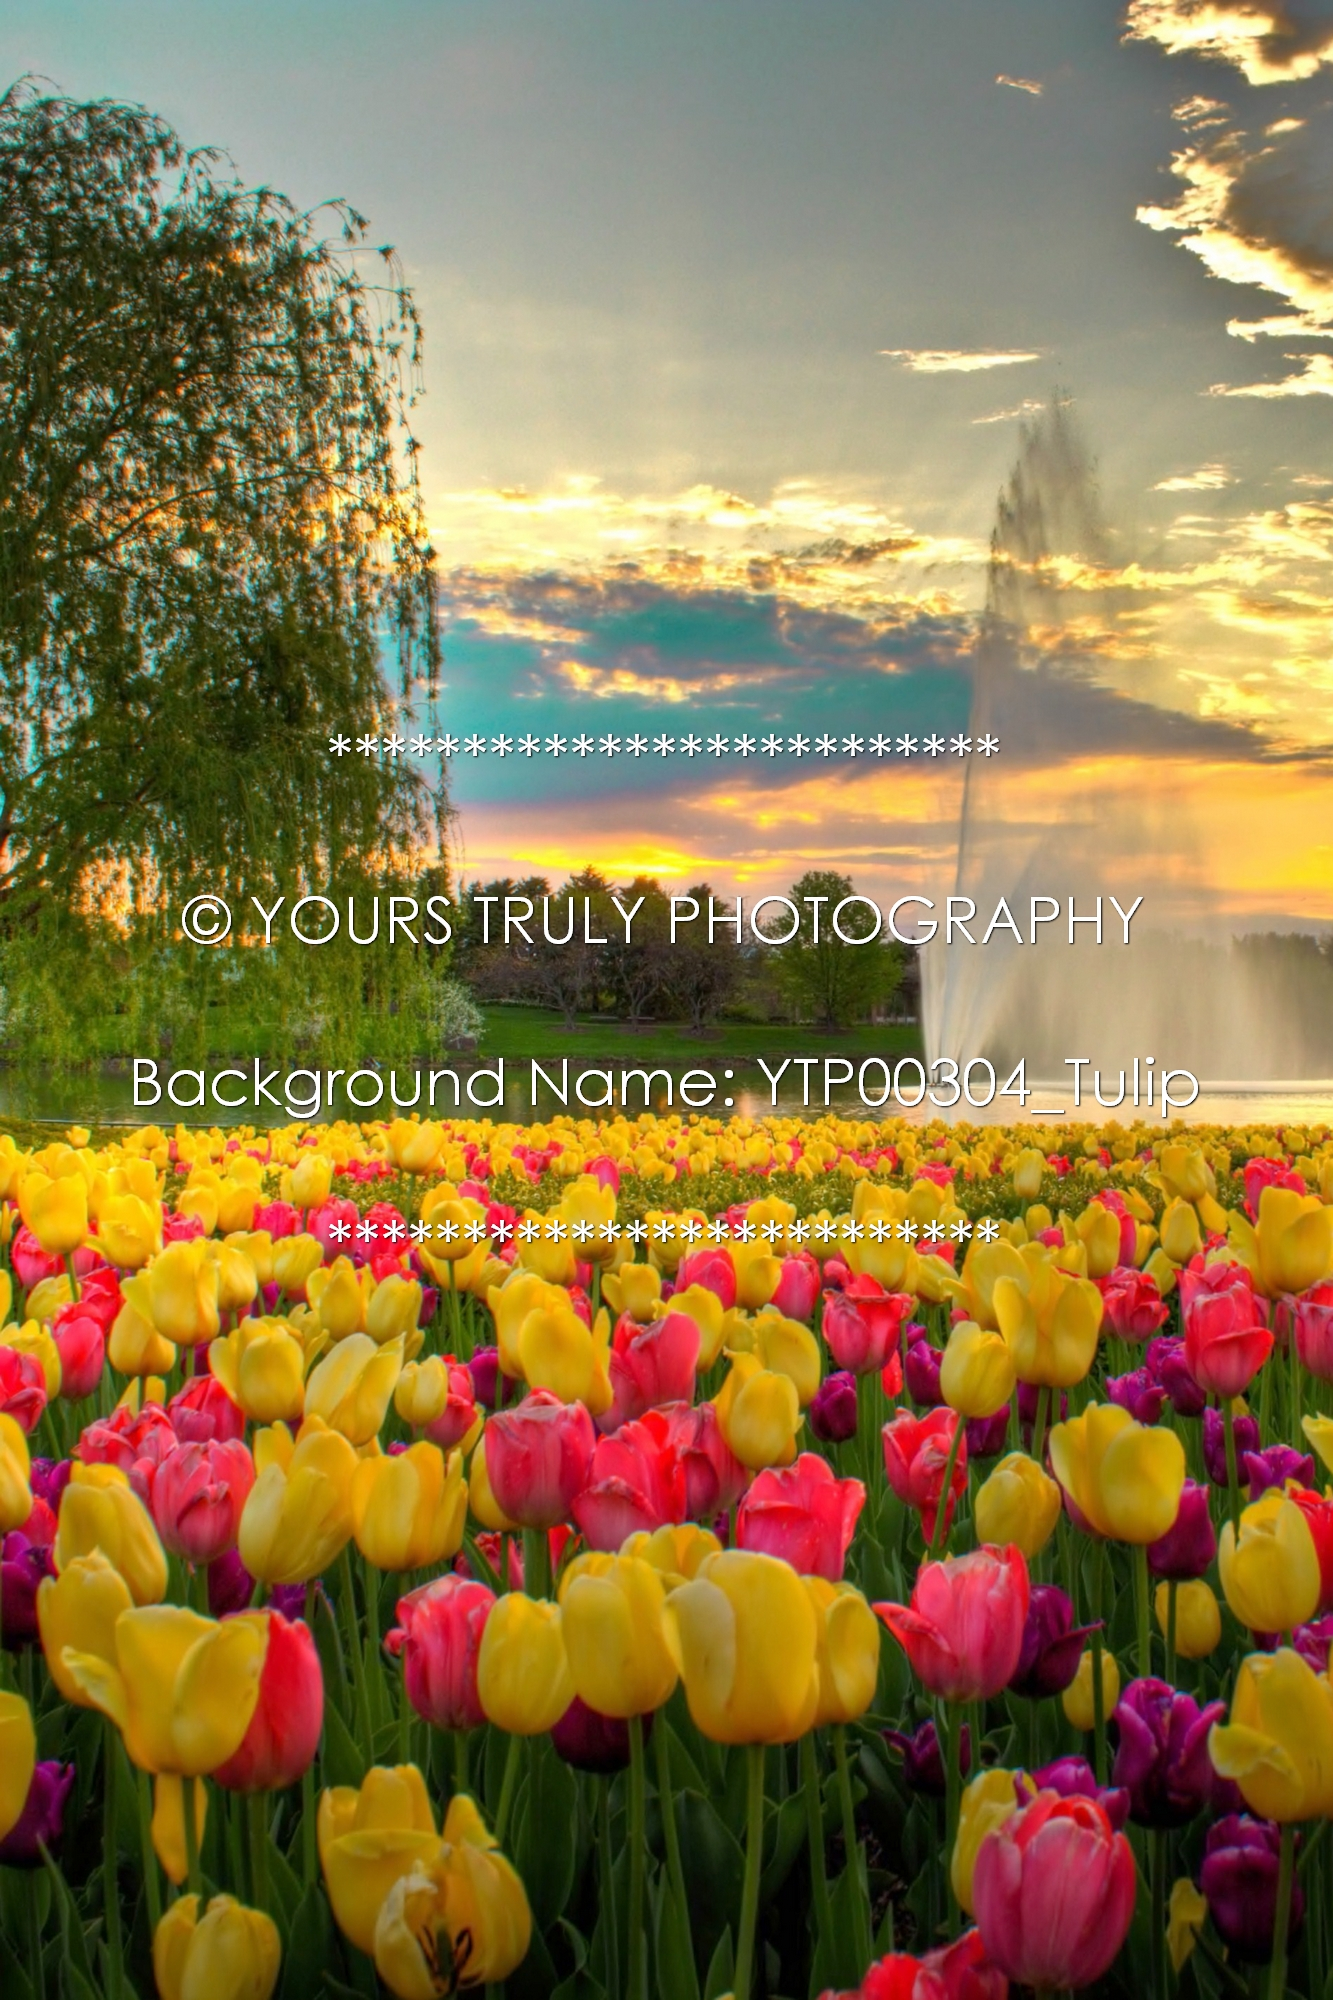 YTP00304_Tulip.jpg